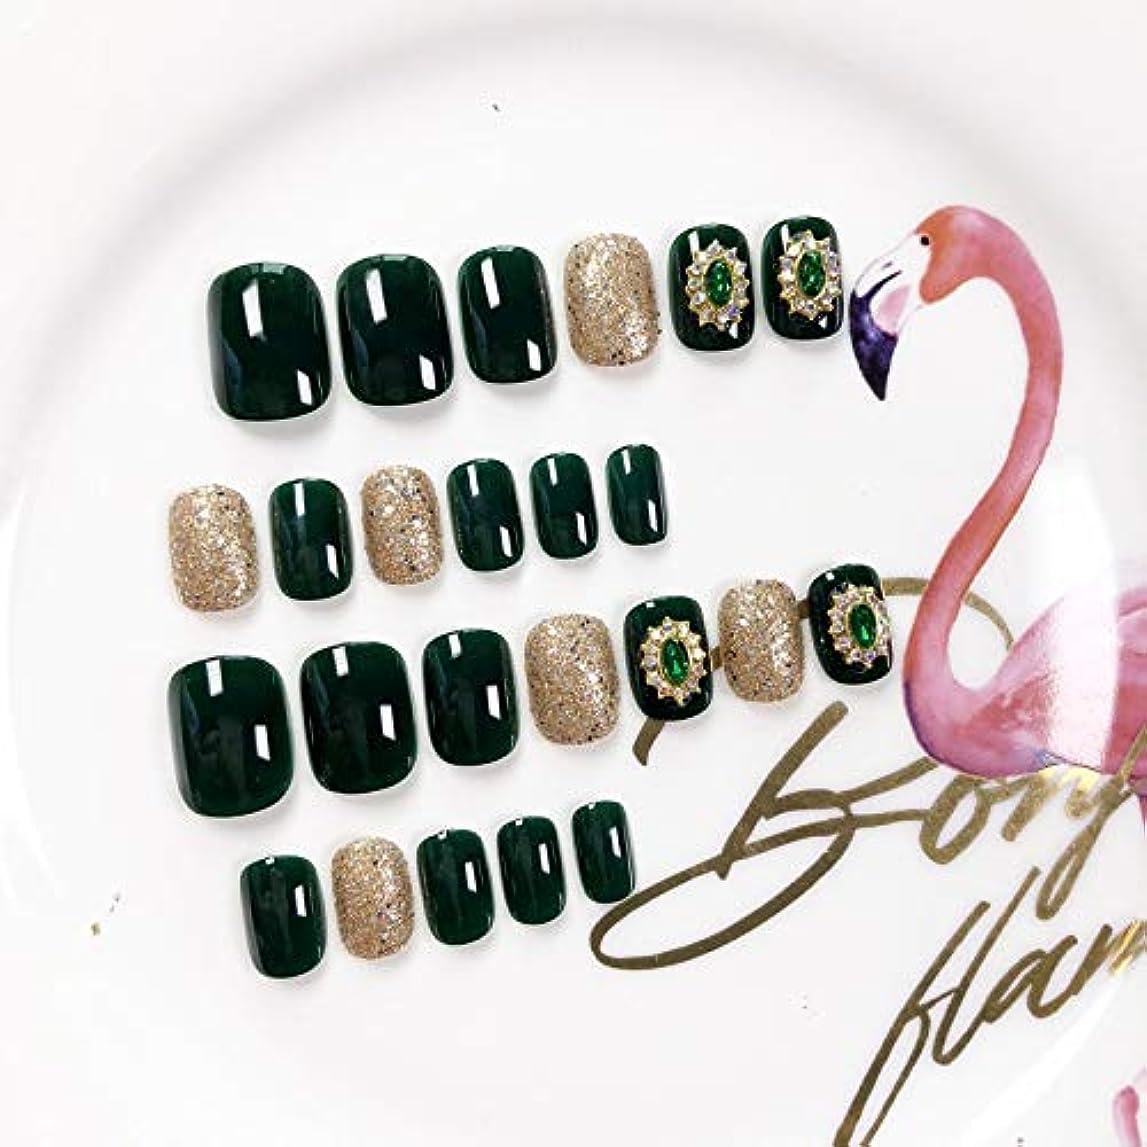 満足ワーカー万一に備えてXUANHU HOME 緑色の偽爪キット24ピースダークグリーンとダイヤモンド偽爪、接着剤付きフルカバーミディアムレングス